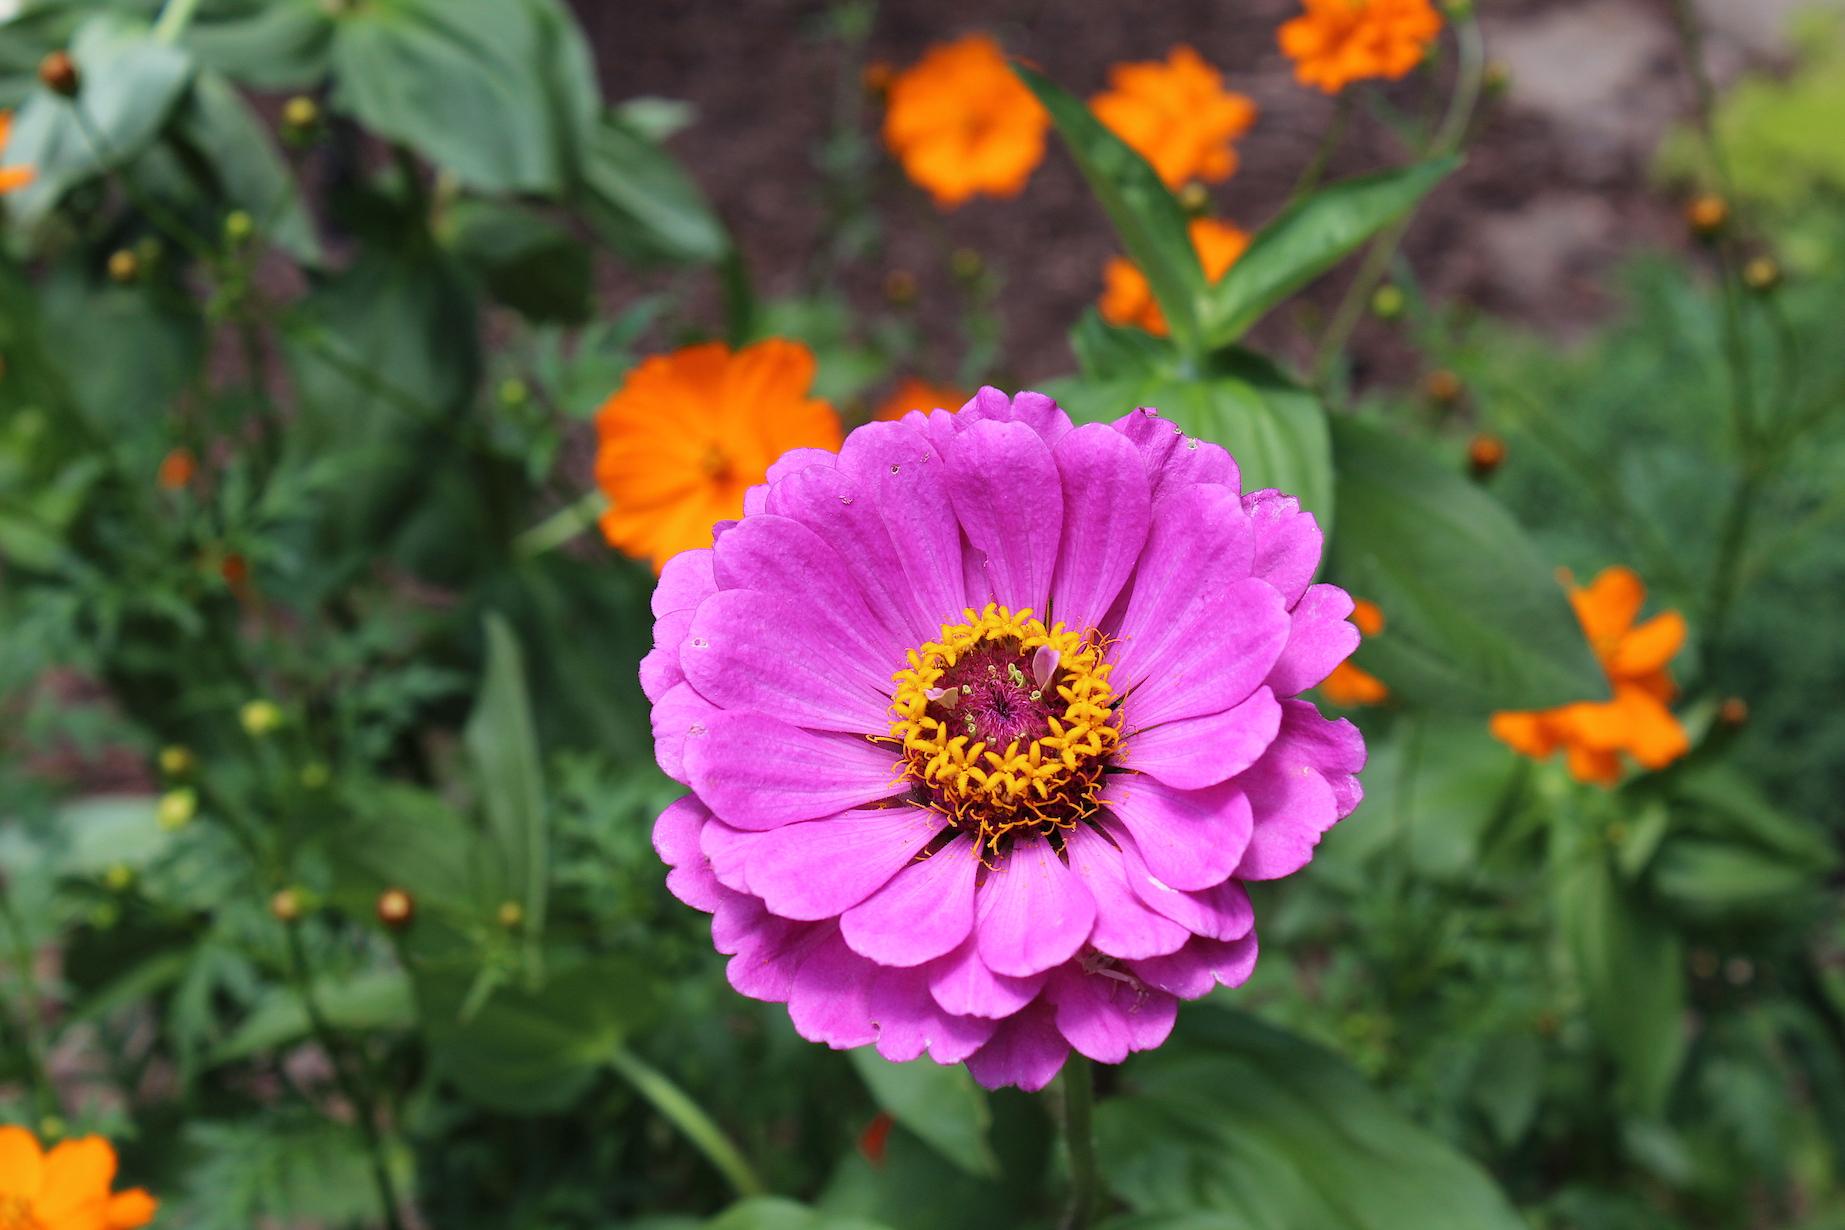 Wolary Garden: Zinnias always dazzle the eye